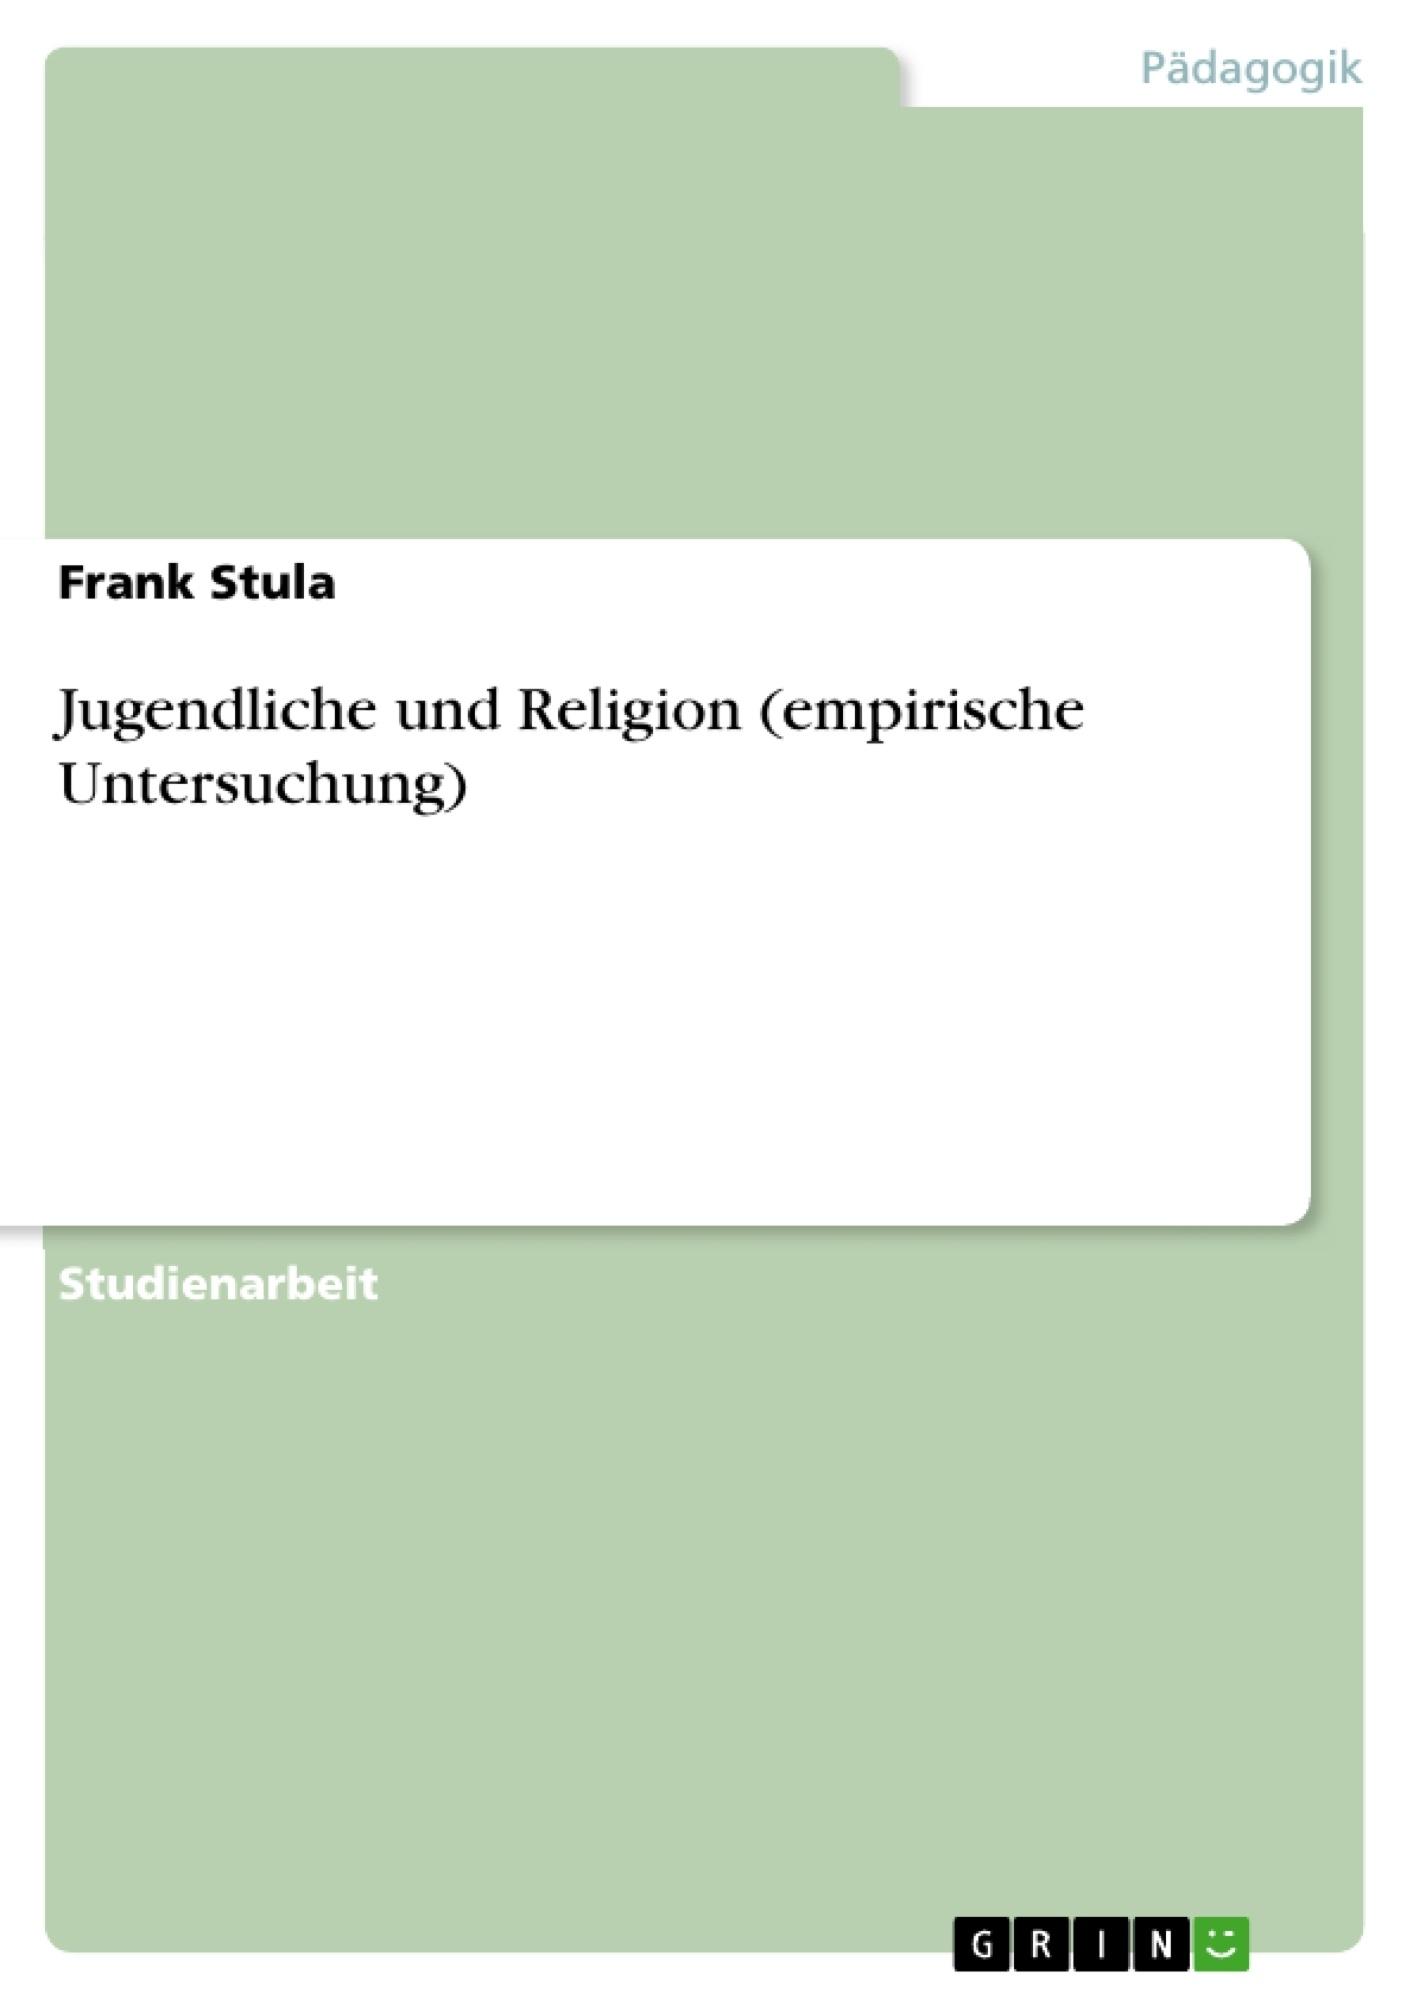 Titel: Jugendliche und Religion (empirische Untersuchung)